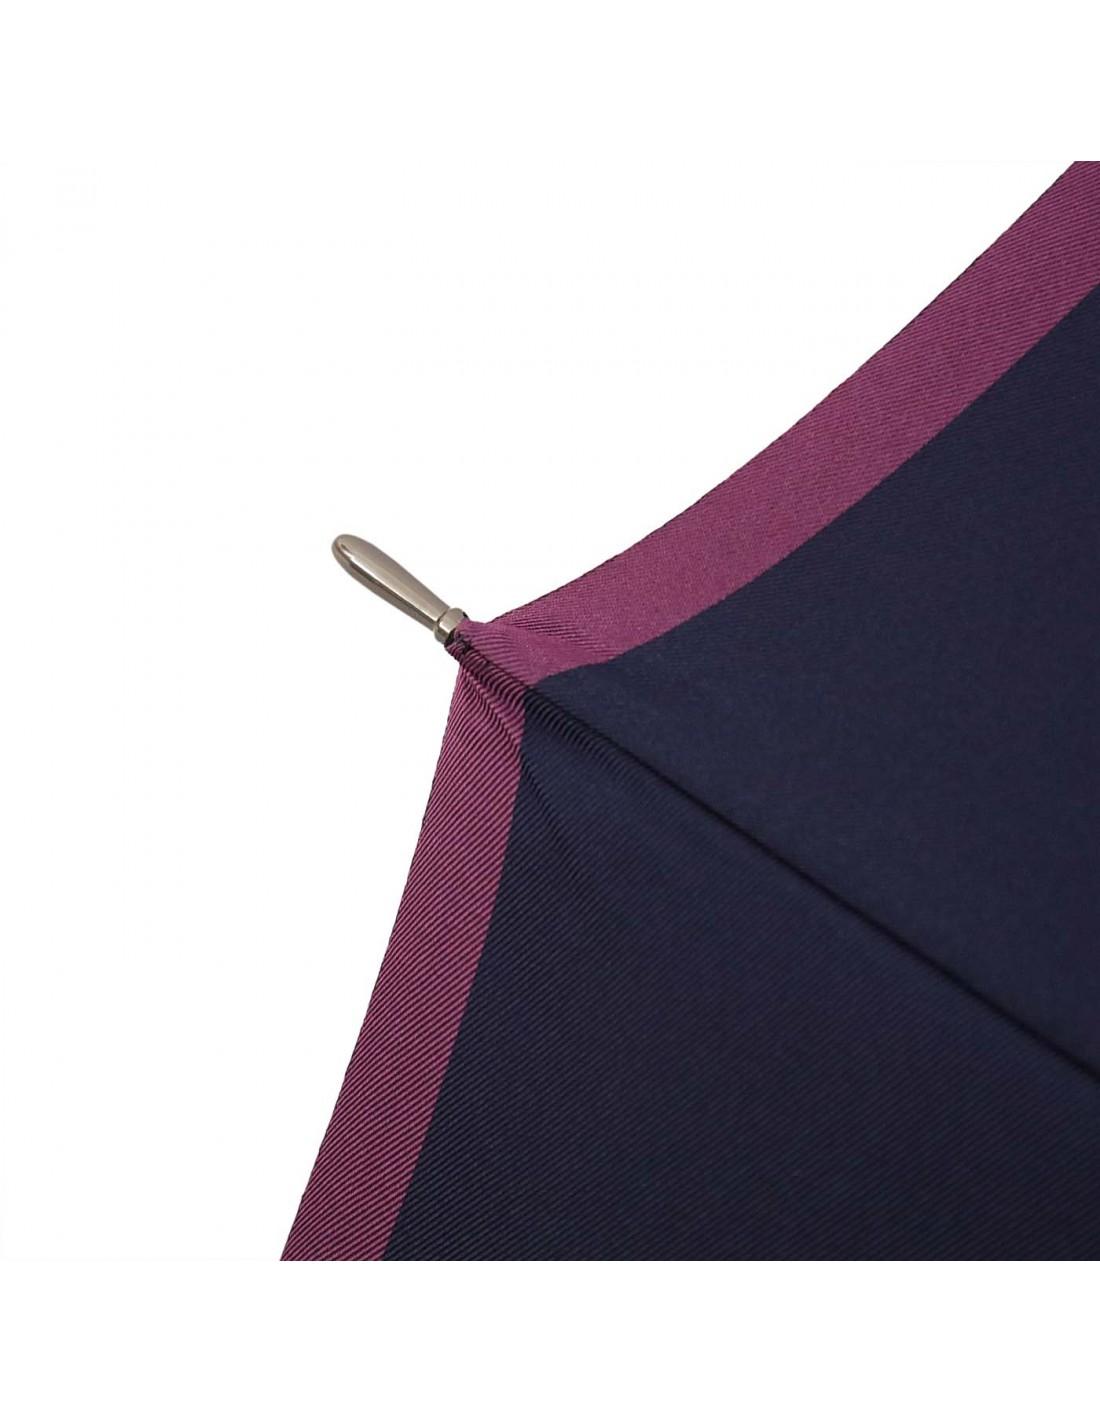 Damen Regenschirm Navy/Violett